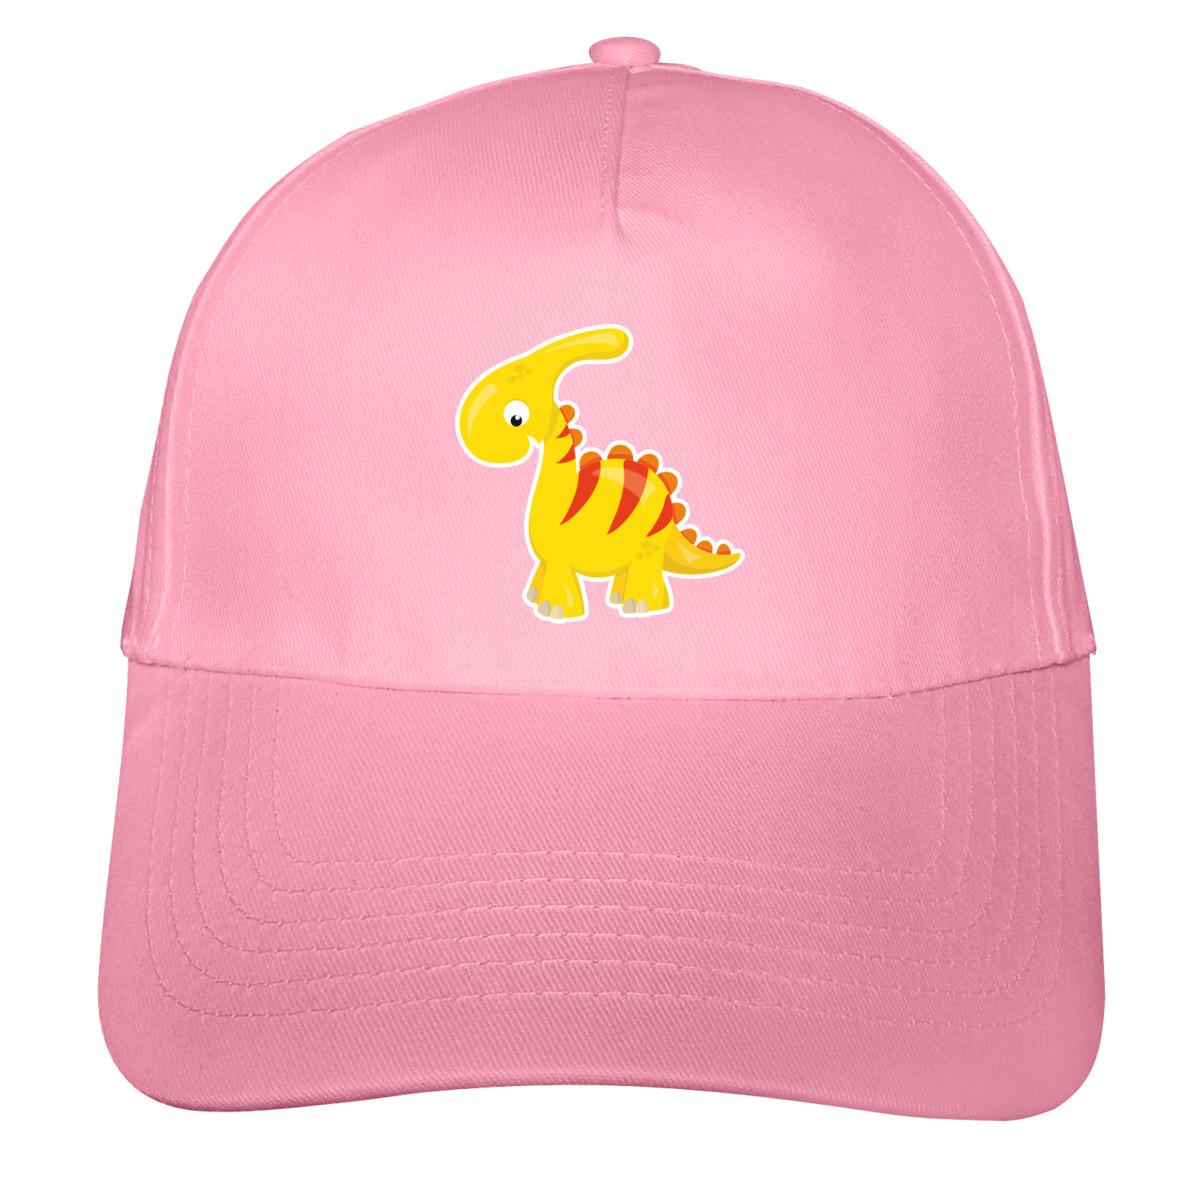 rosa/farbiger Aufdruck